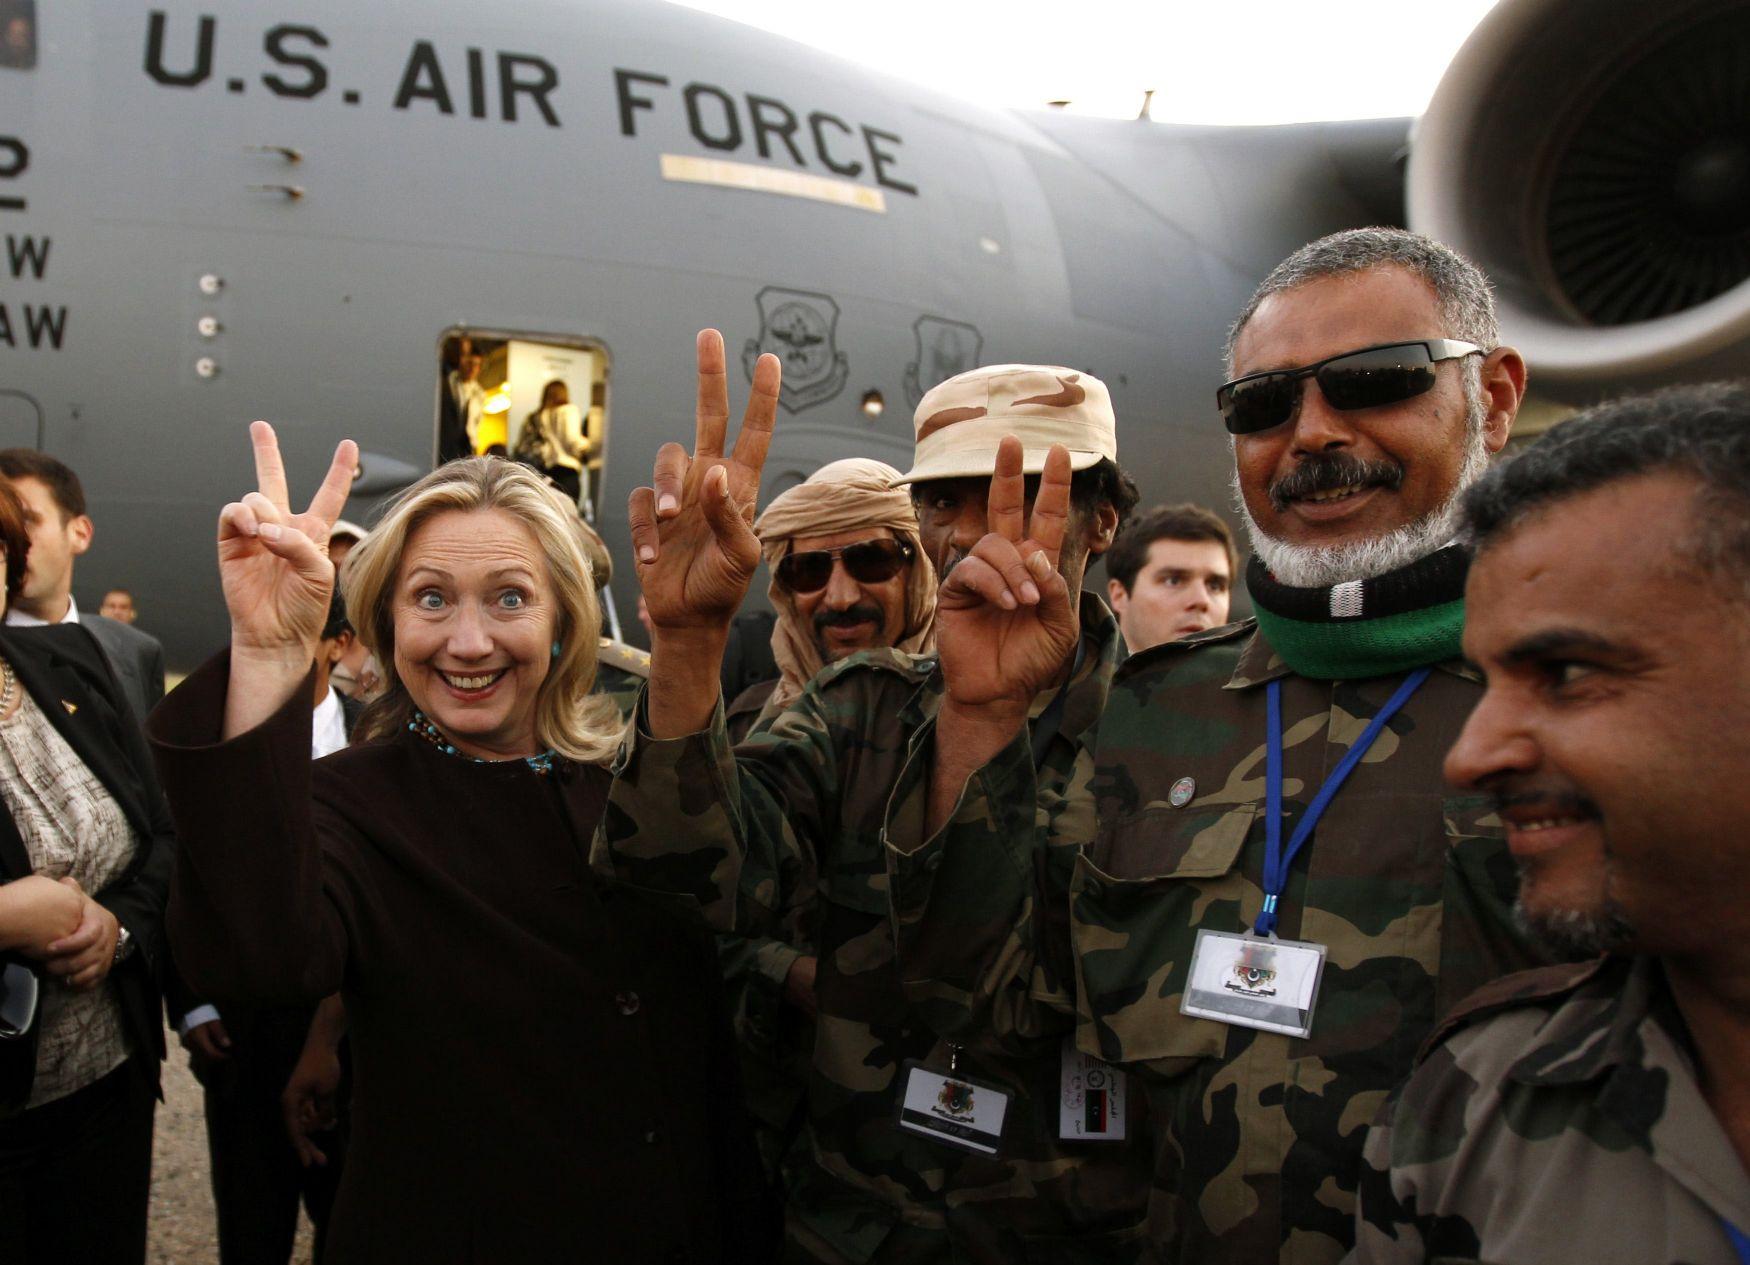 К годовщине гибели(?) Каддафи. Пять лет спустя